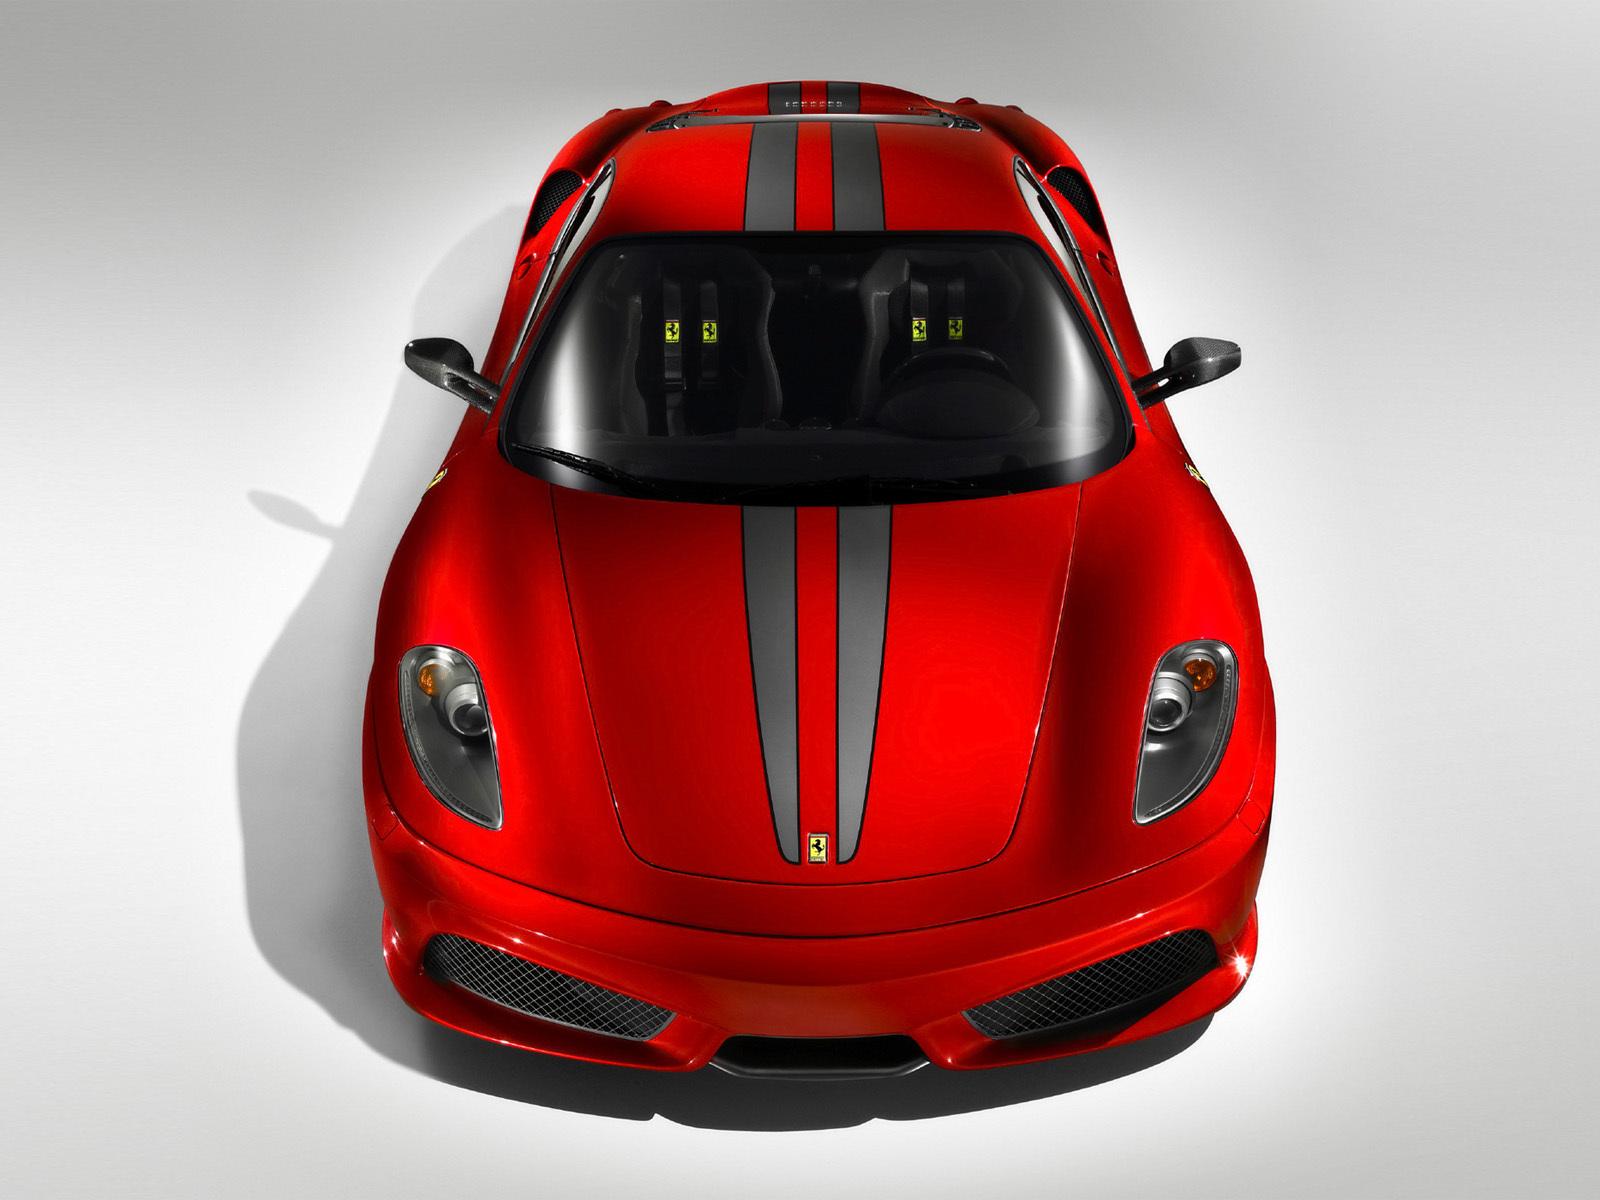 Mobil Ferrari: Gambar Mobil FERRARI F430 Scuderia 2008